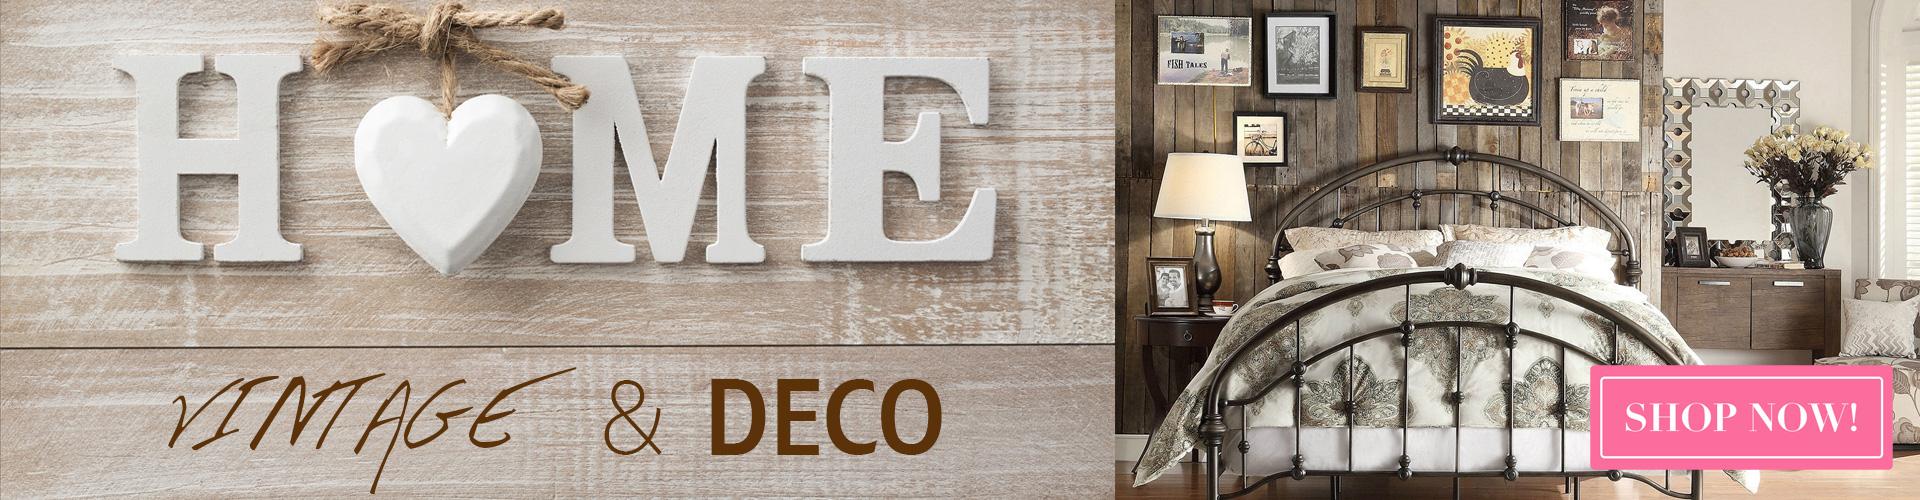 Home & Vintage  & Deco